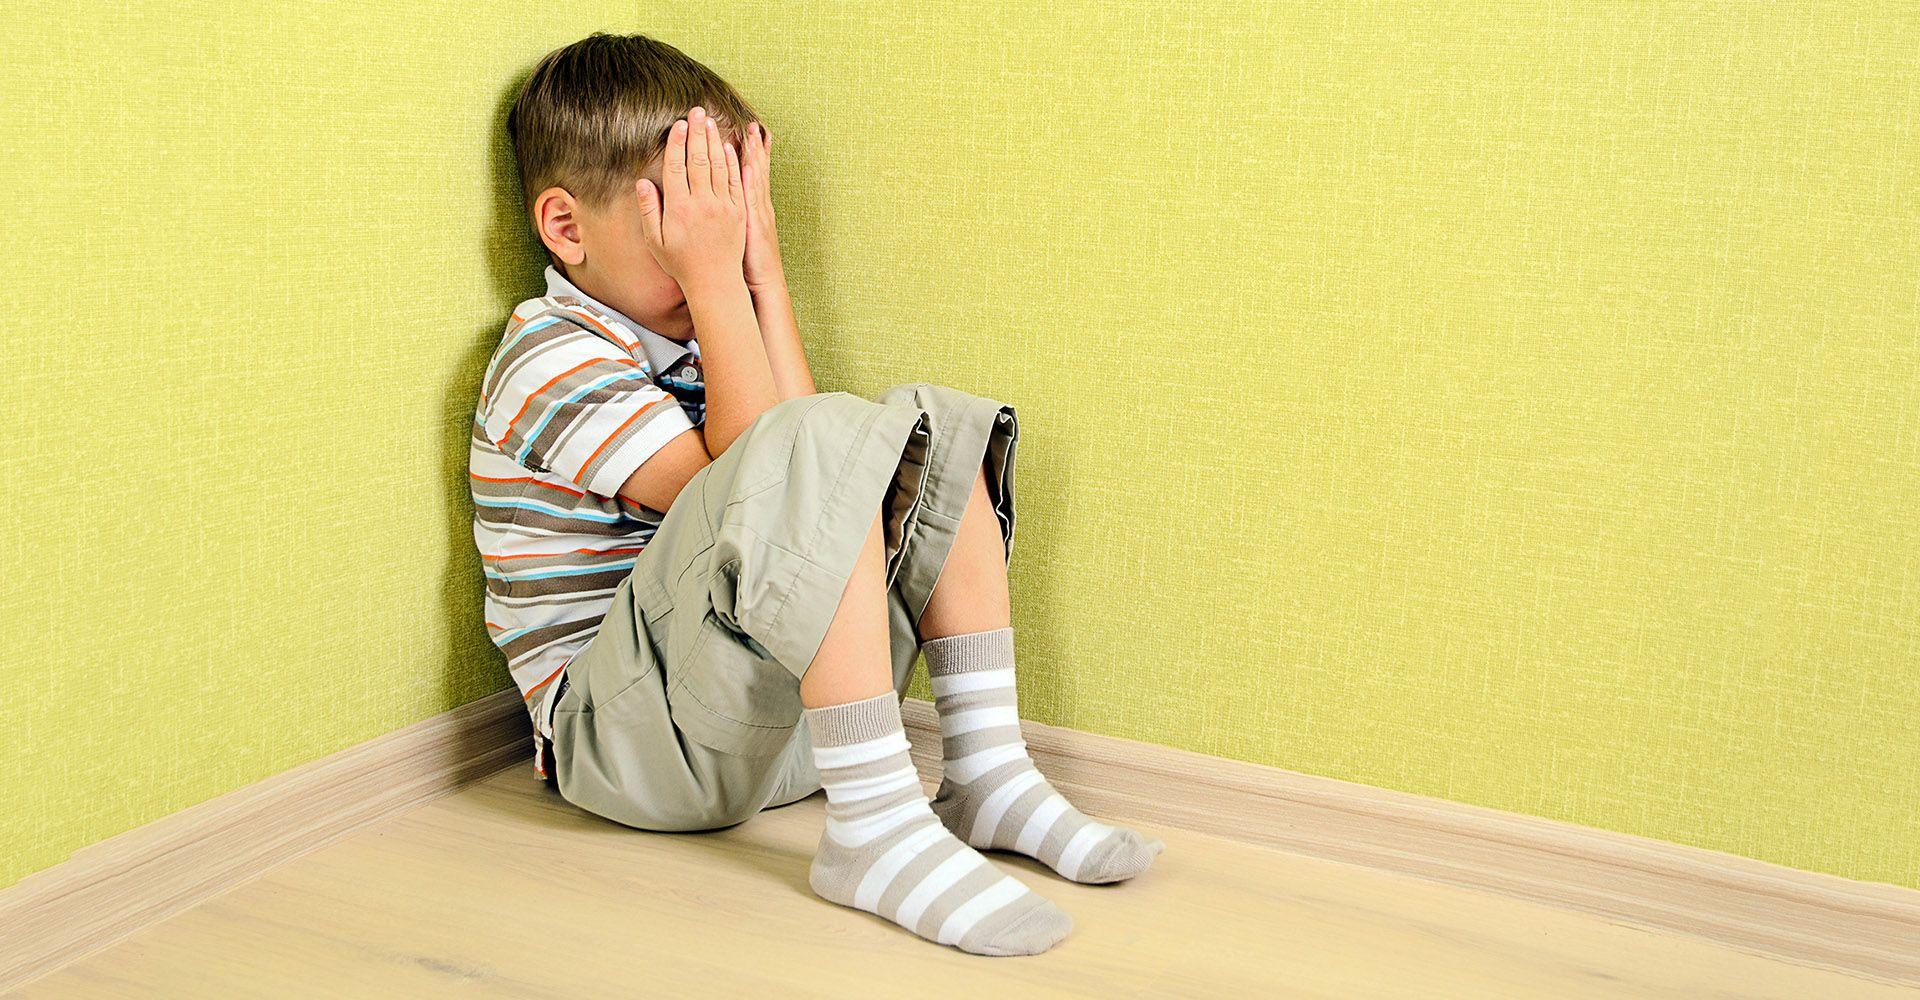 کودک هراسان : بررسی ترس و عوامل آن در سنین رشد کودک